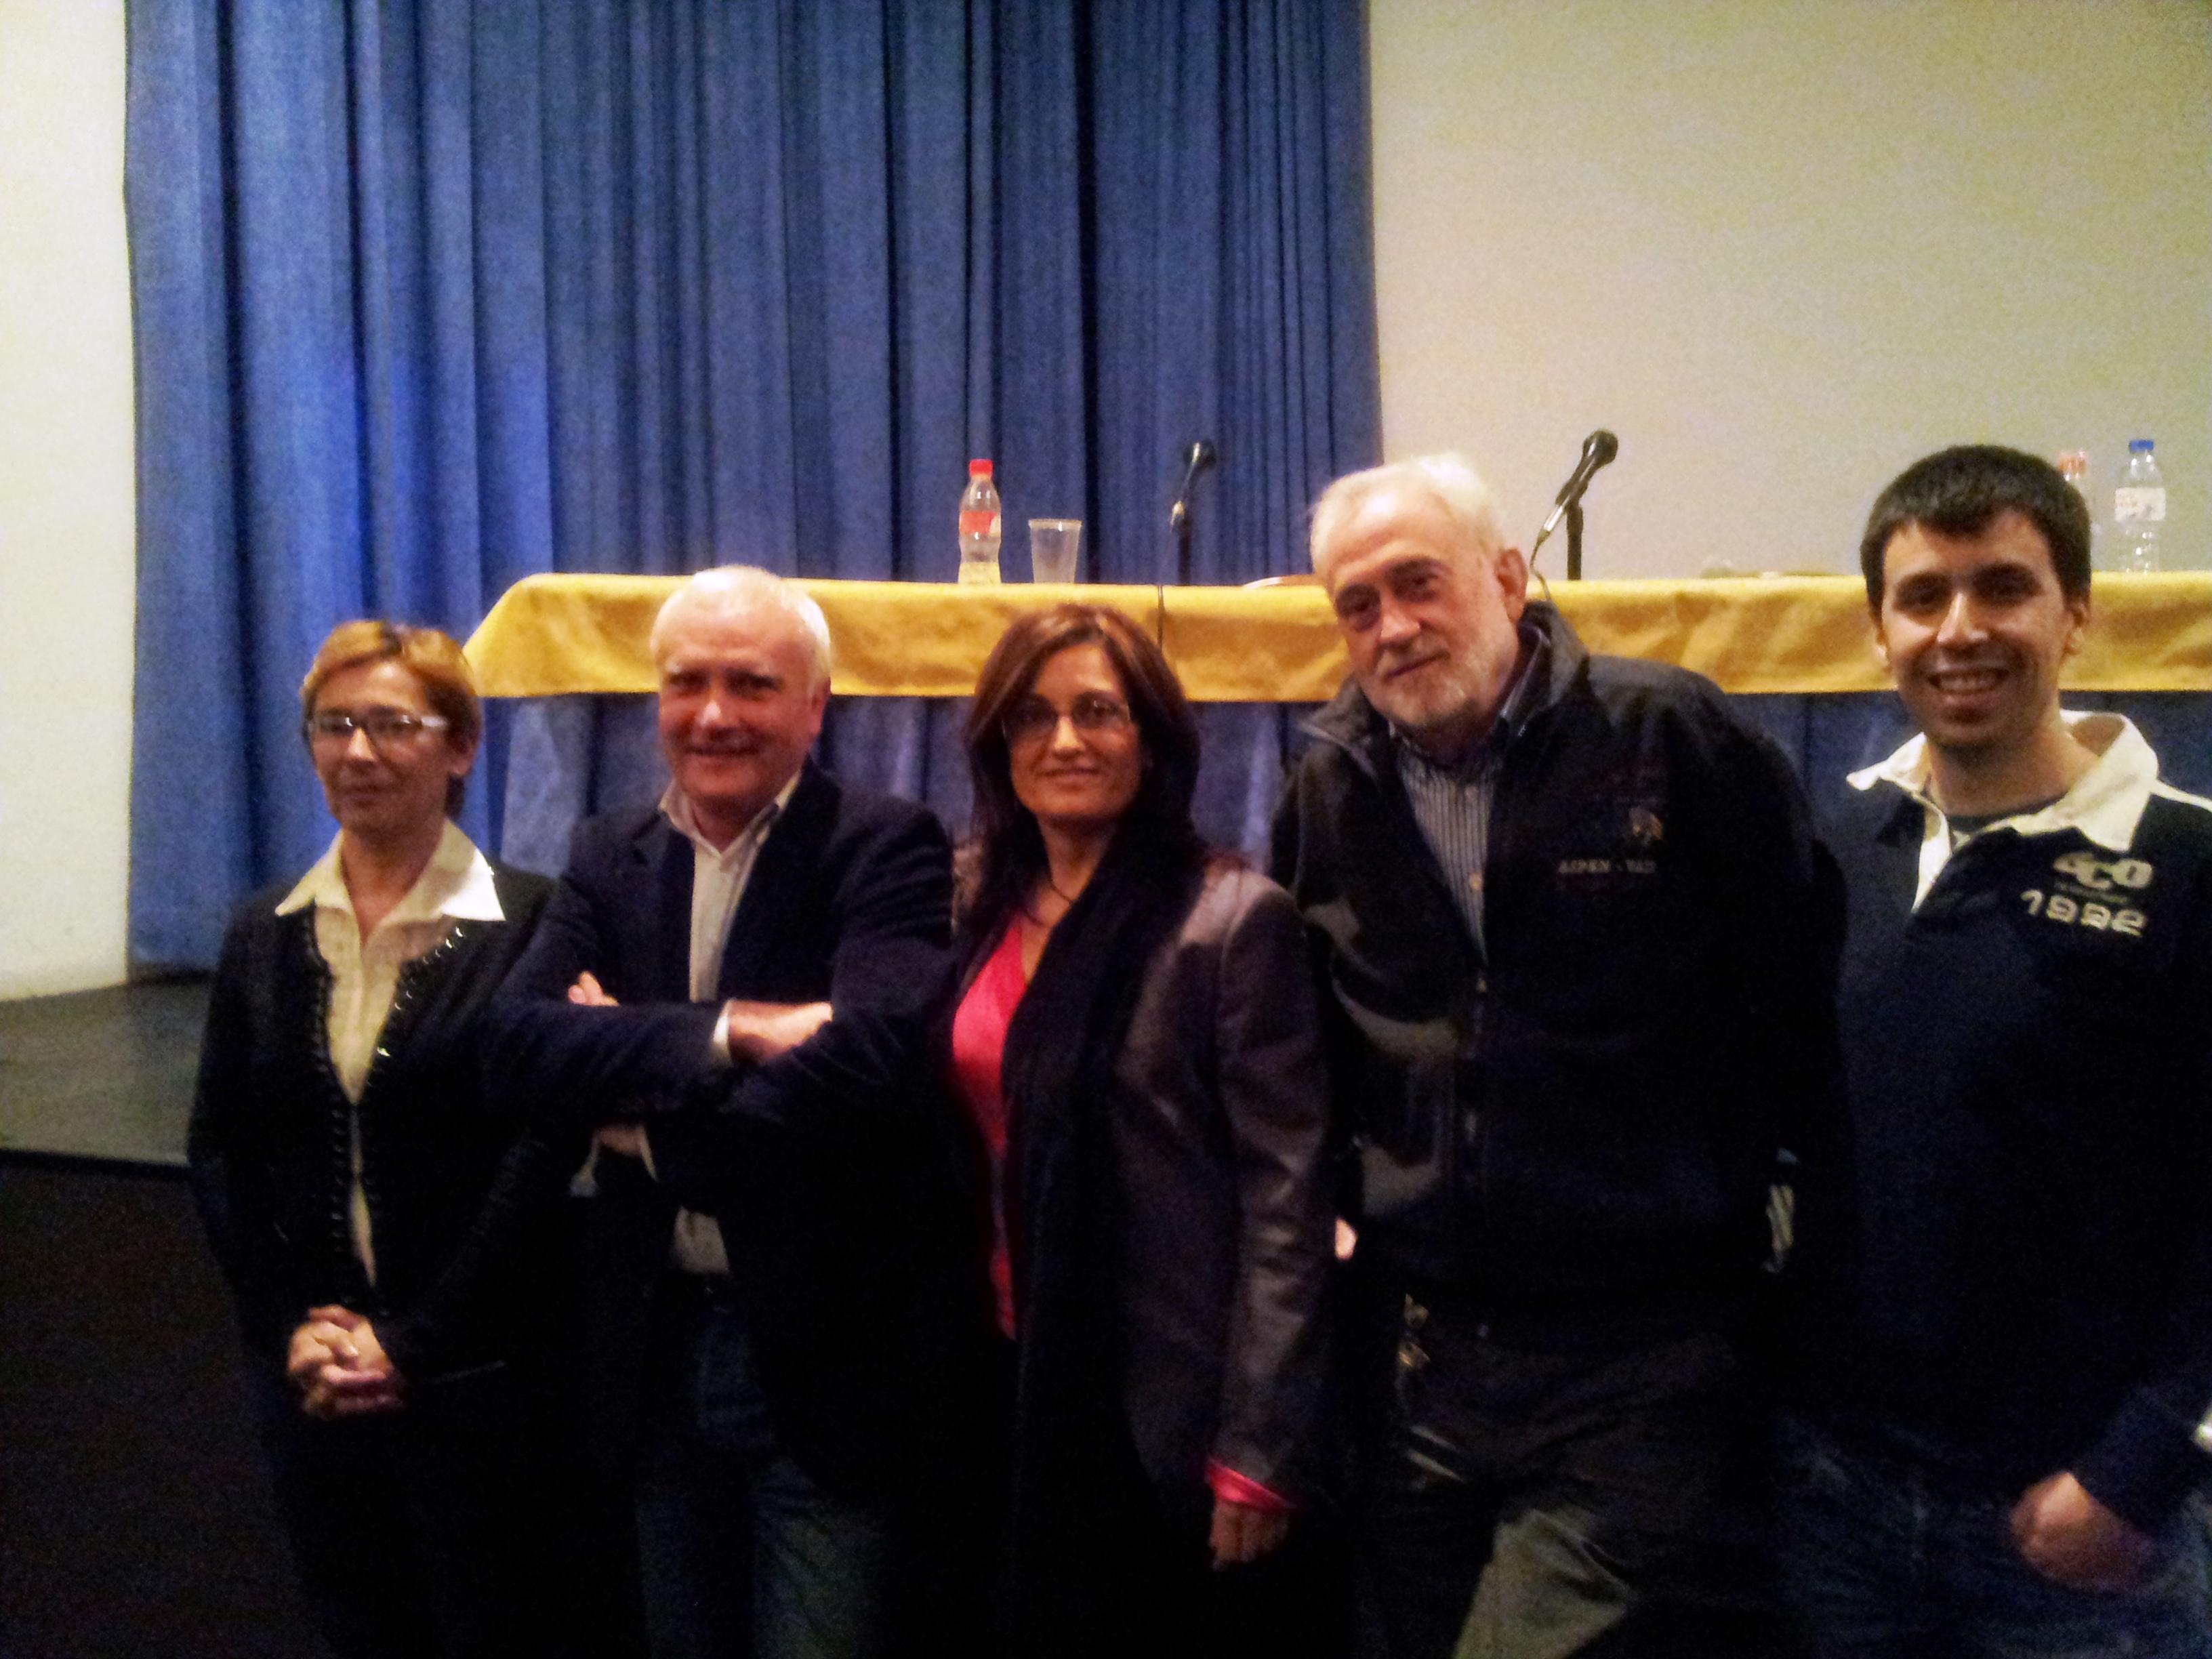 Albert Girona amb els regidors de Compromís Carlet Núria Vendrell, Maria Josep Ortega, Agustí Royo i Josep Àngel Hervàs.